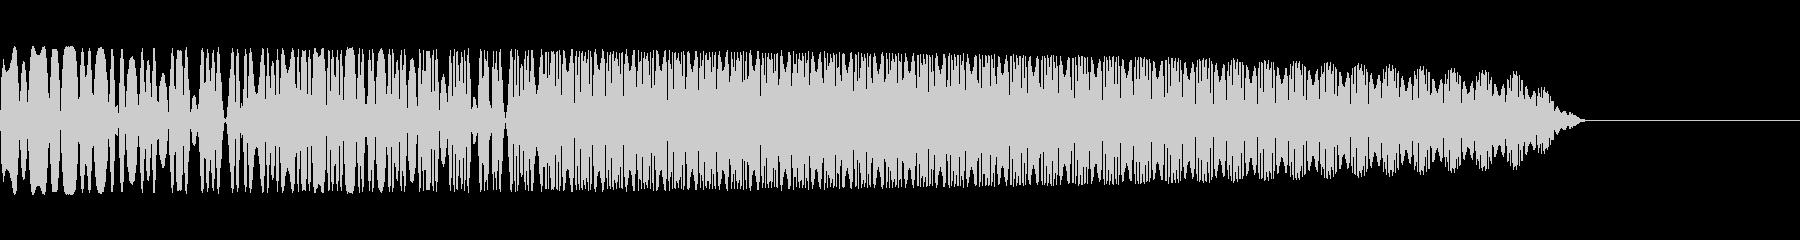 ピロロー(超音波/SNES/レトロの未再生の波形